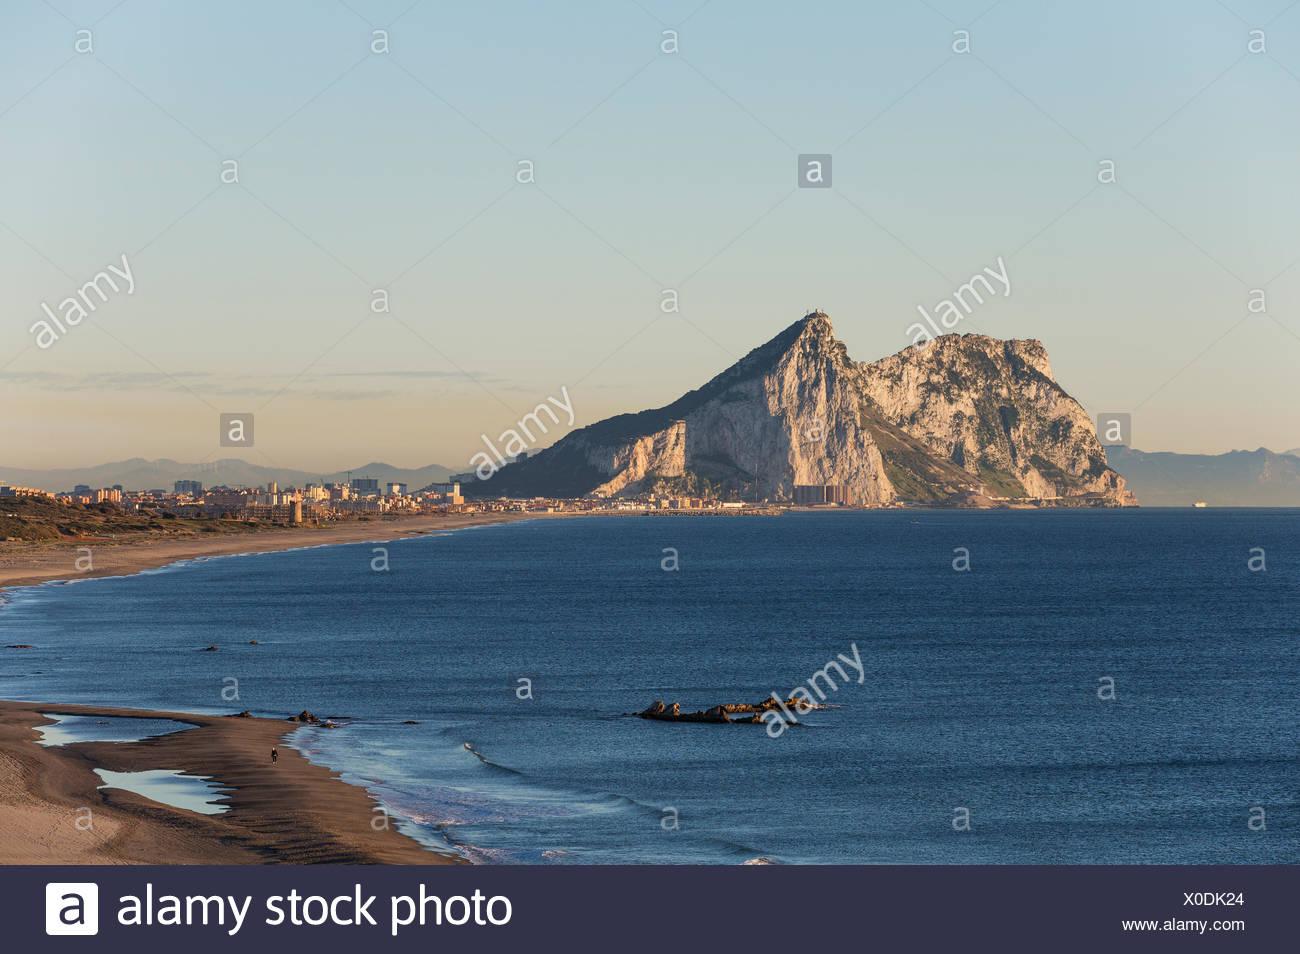 Vue sur le rocher de Gibraltar et de La Linea de la Concepcion, vu de la côte méditerranéenne, dans la lumière du matin Banque D'Images